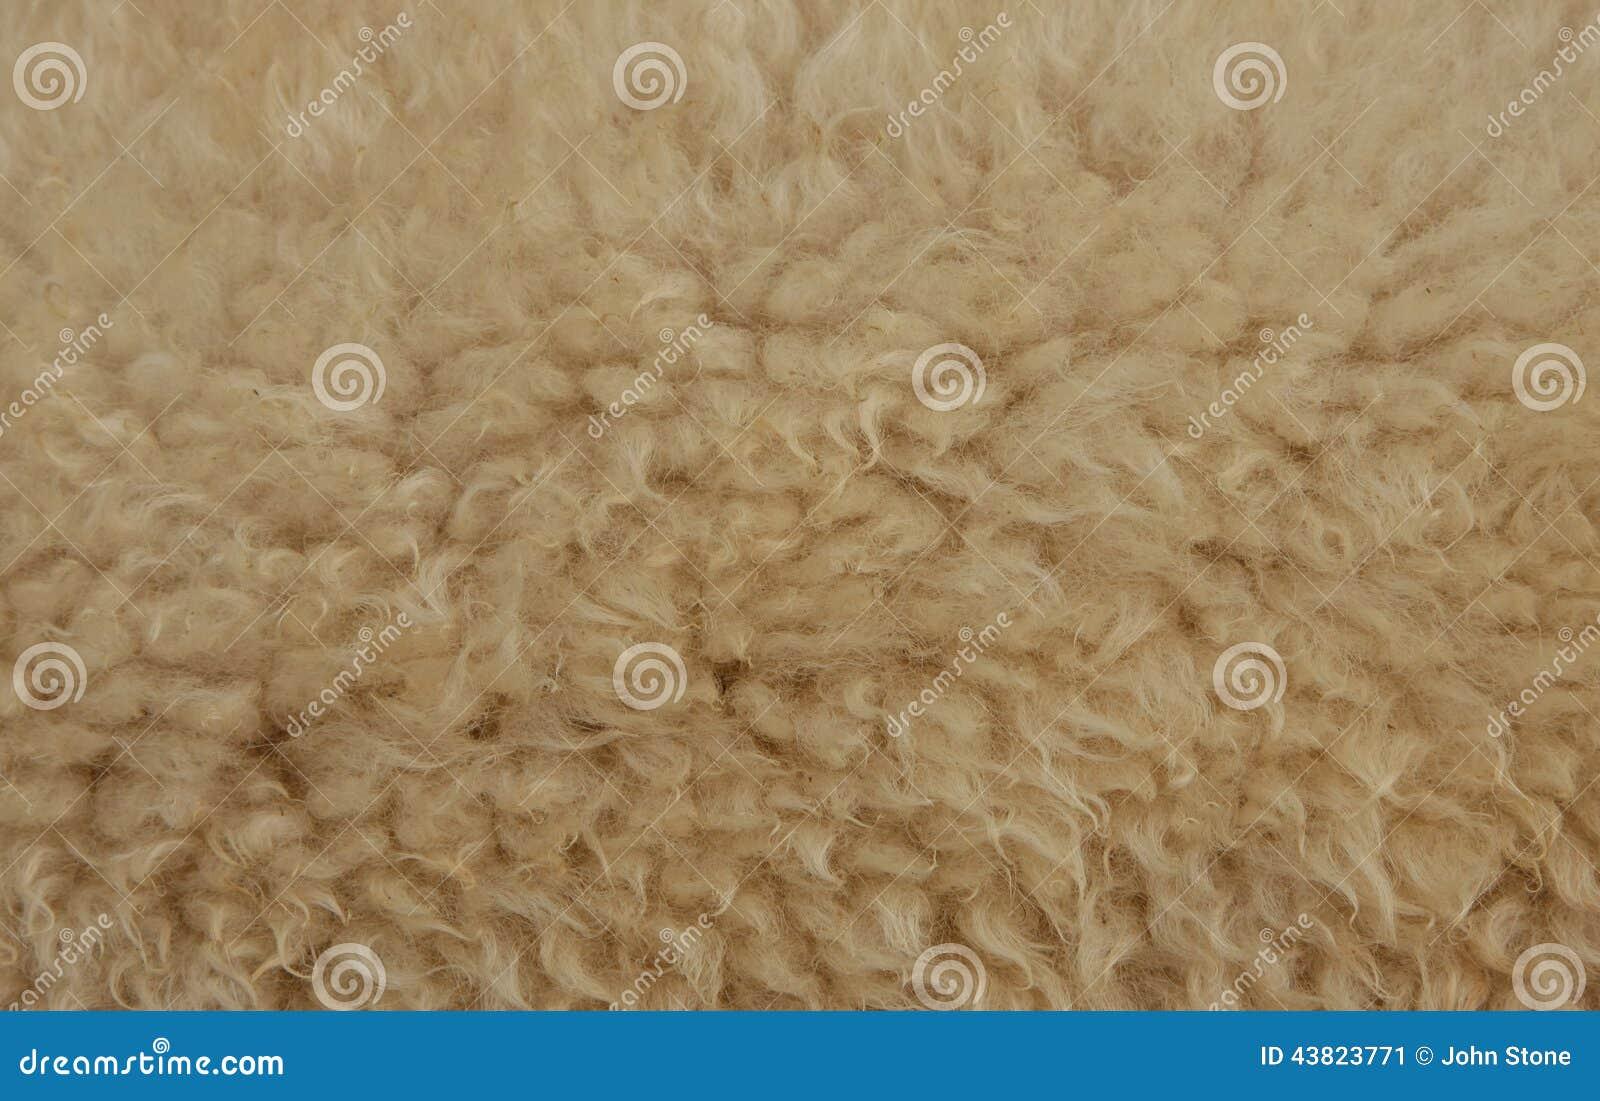 texture de peau de mouton photo stock image 43823771. Black Bedroom Furniture Sets. Home Design Ideas